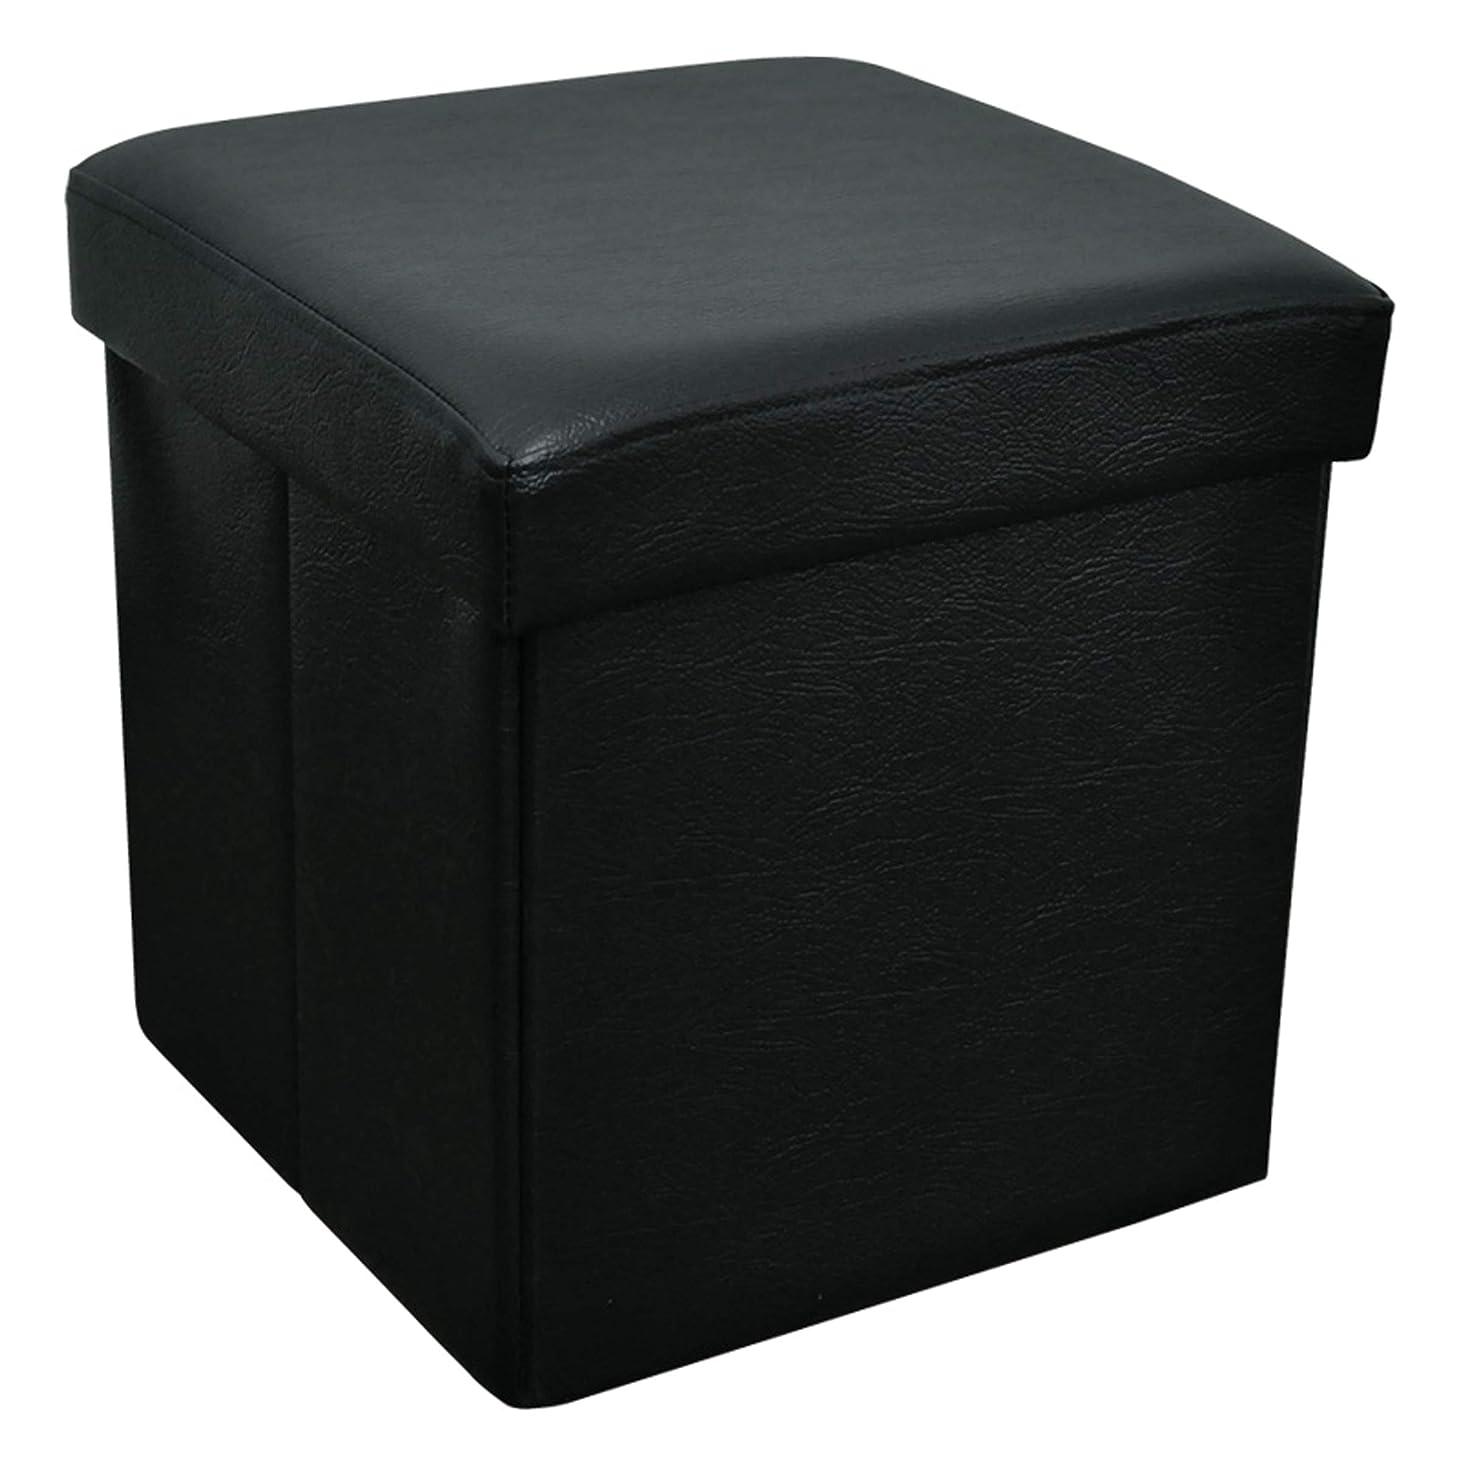 ルネッサンス火星虫収納ボックススツールオットマン 30cm角 ブラック(黒) 折りたたみ式 合成レザー